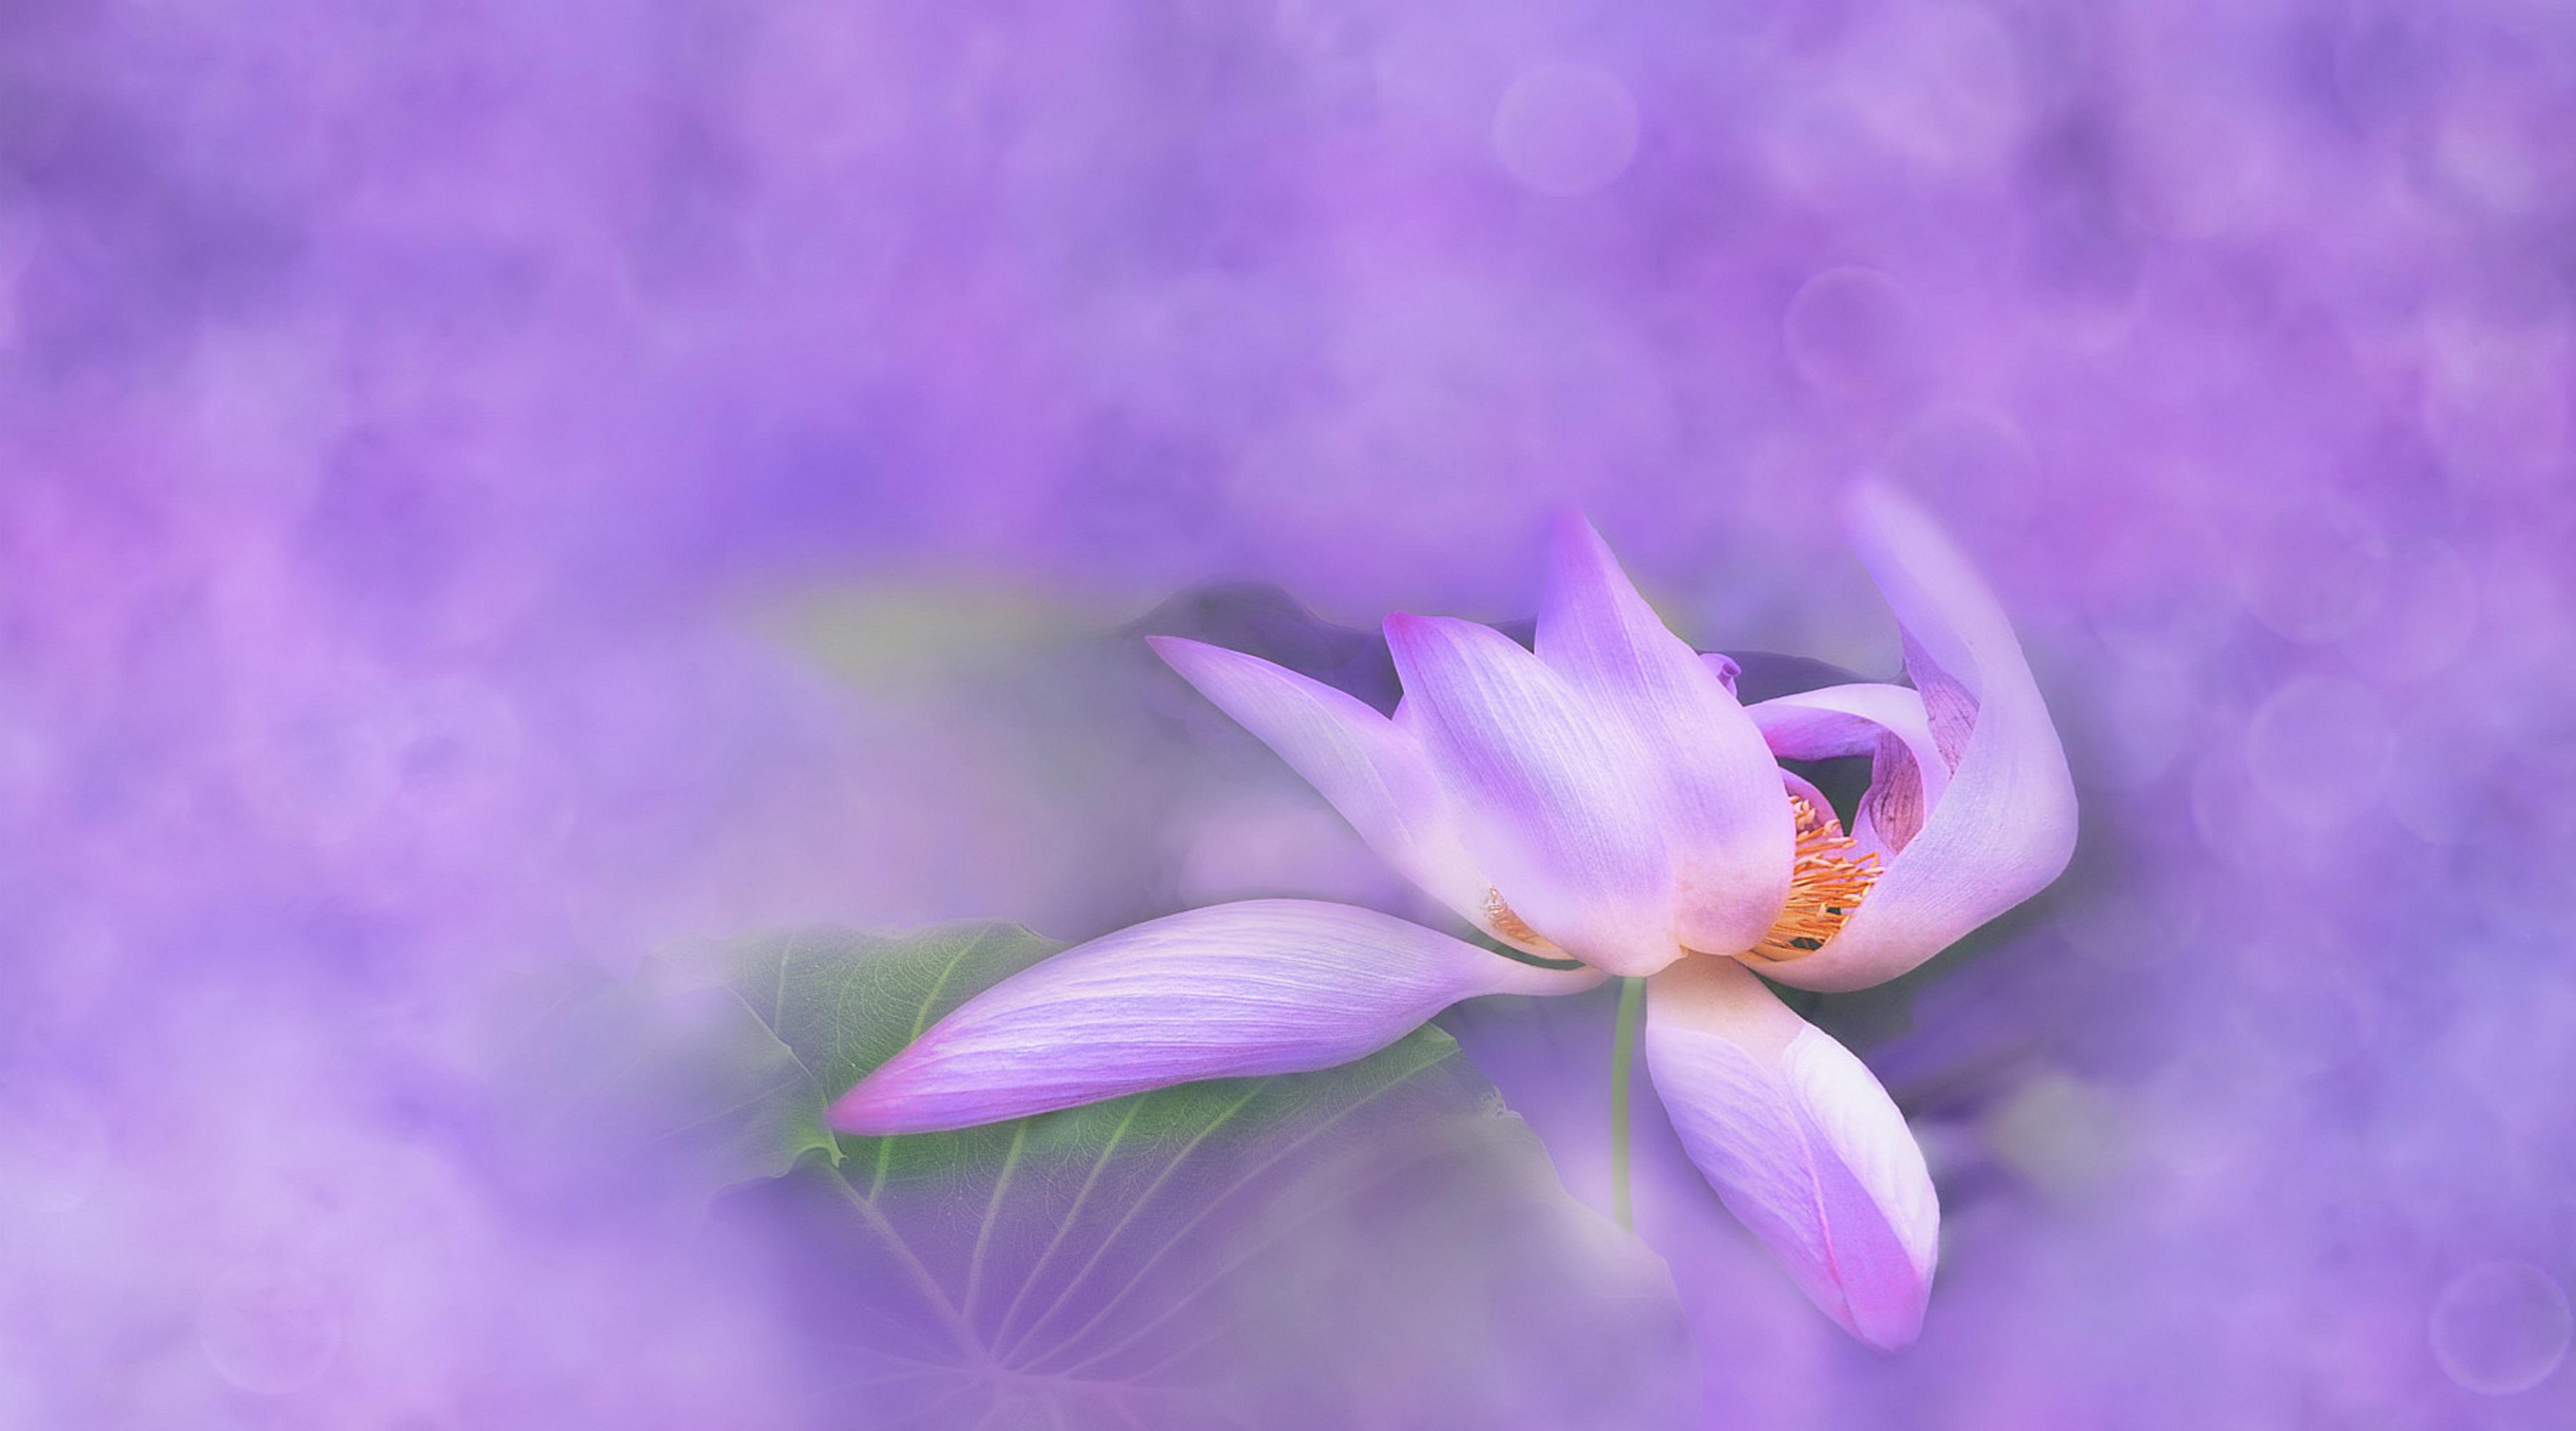 Gambar Alam Mekar Bokeh Menanam Putih Ungu Daun Bunga